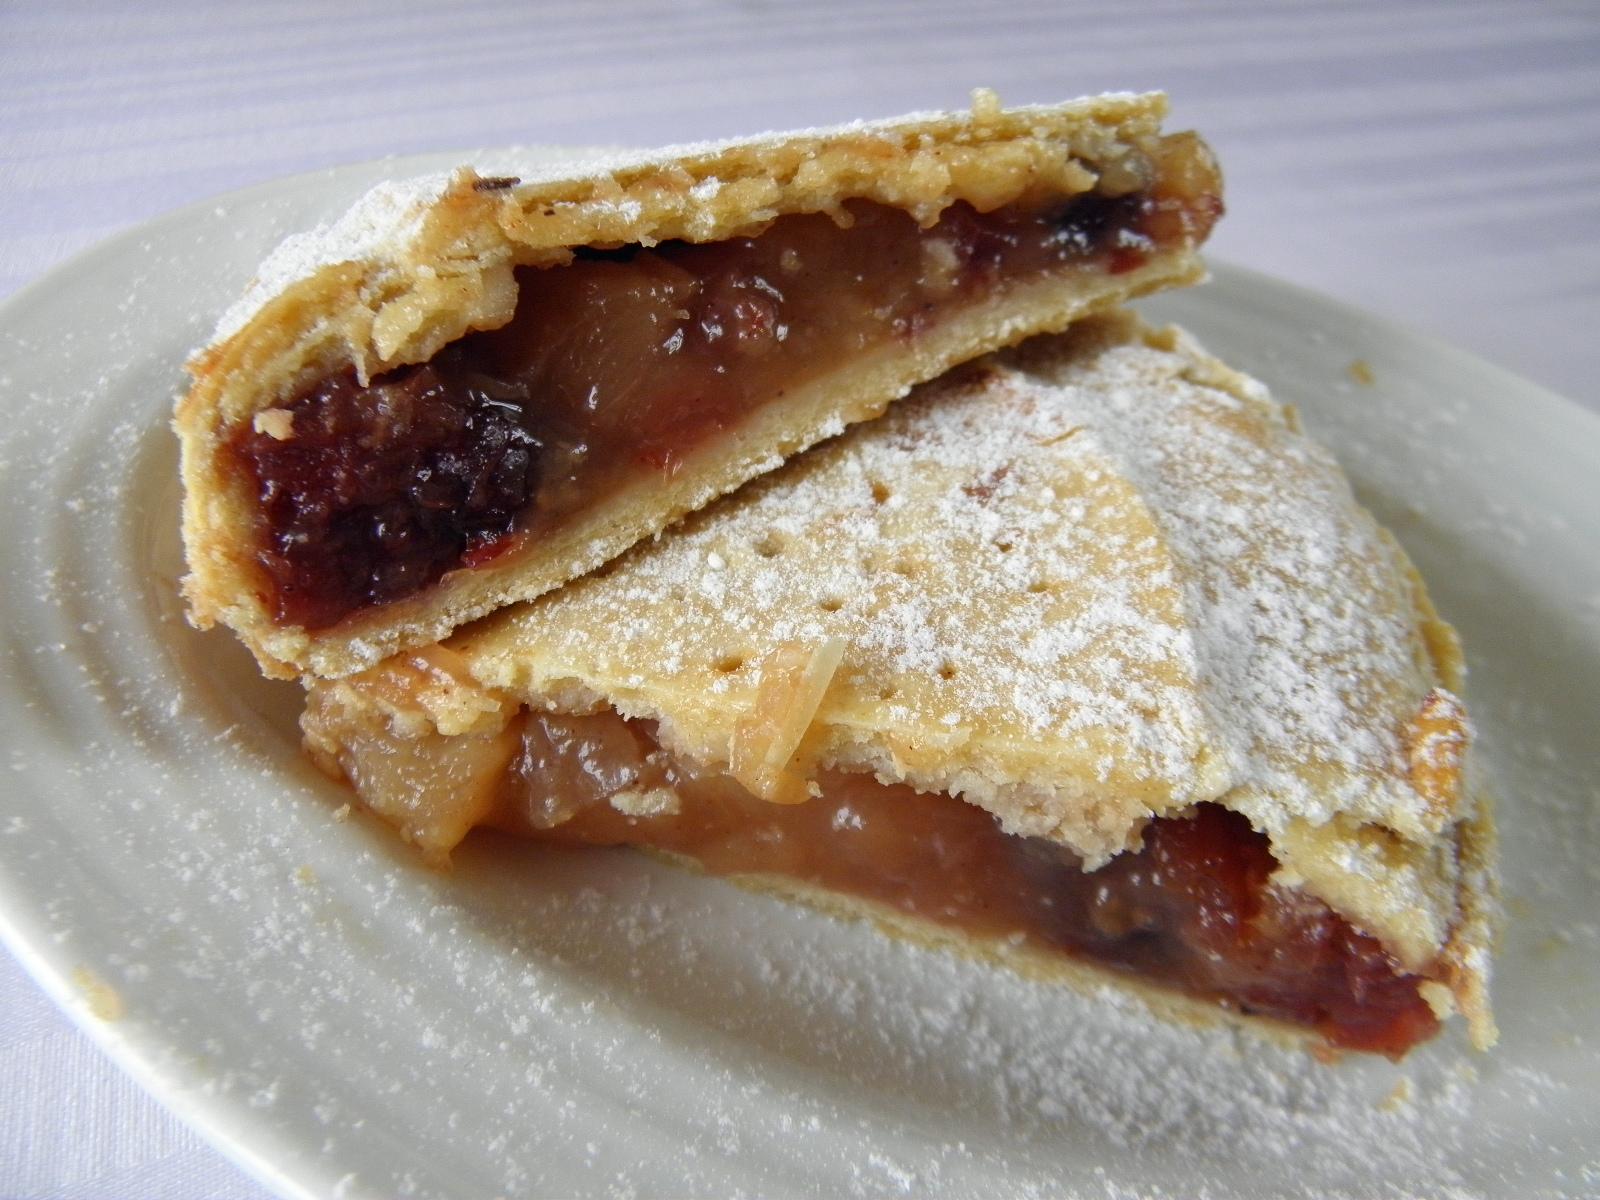 Fotografie receptu: Křehký koláč s jablkovou náplní